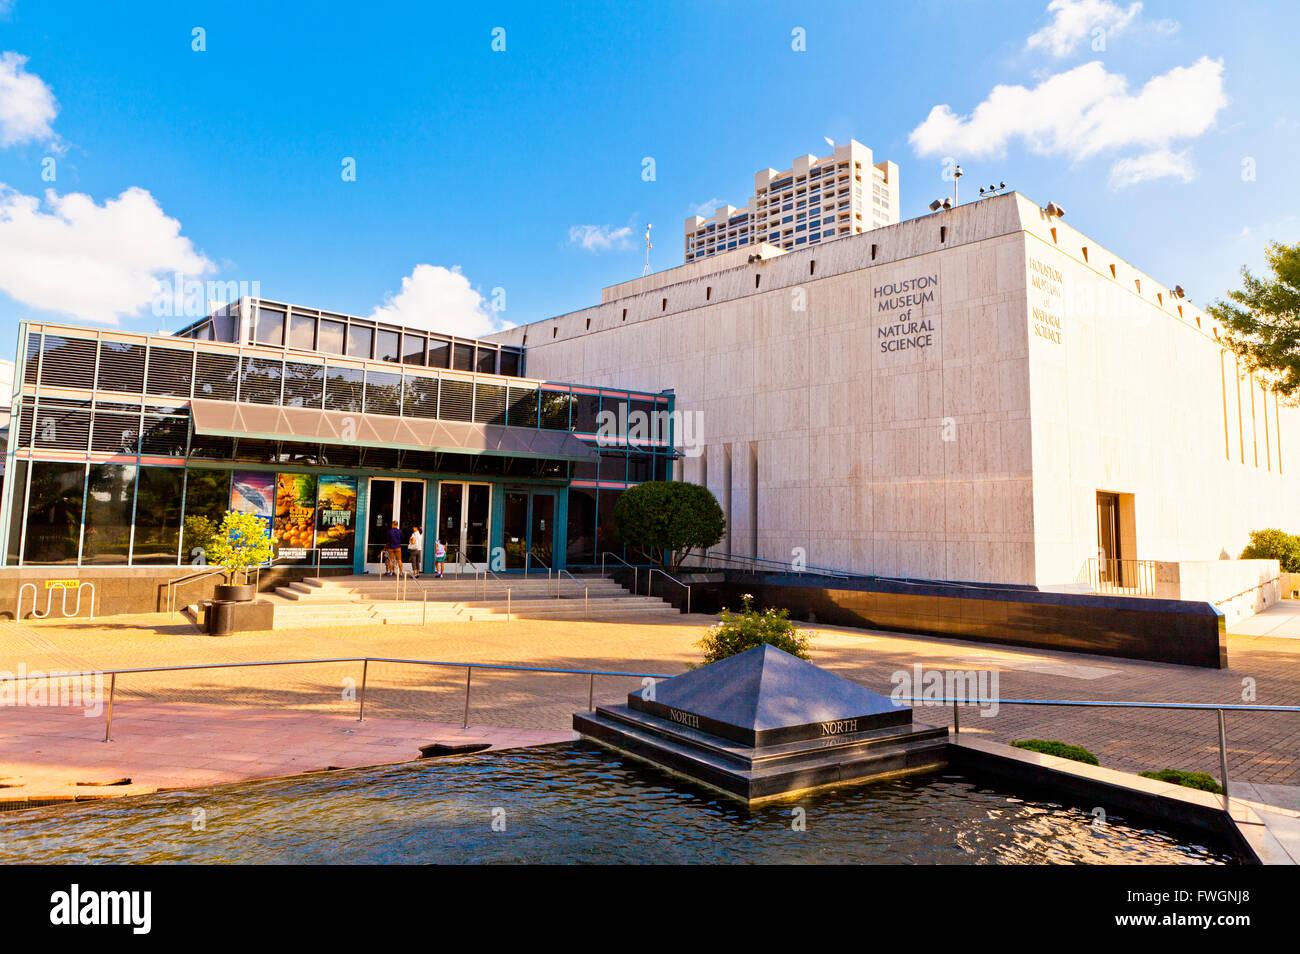 Il Museo di Scienze Naturali di Houston e Hermann Park, Houston, Texas, Stati Uniti d'America, America del Nord Immagini Stock